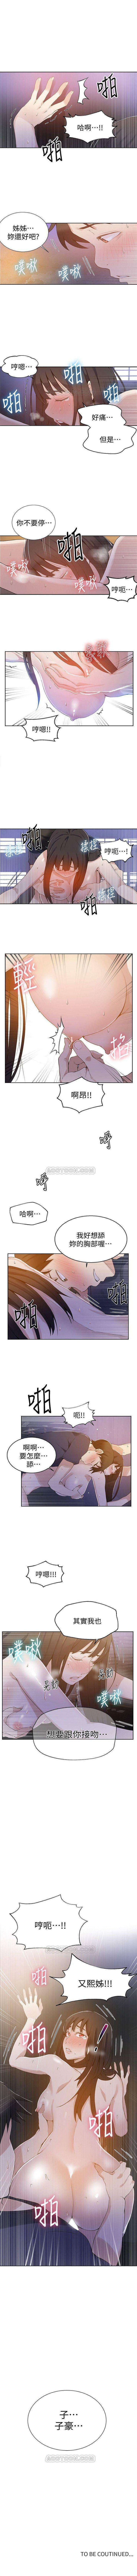 秘密教學  1-63 官方中文(連載中) 186